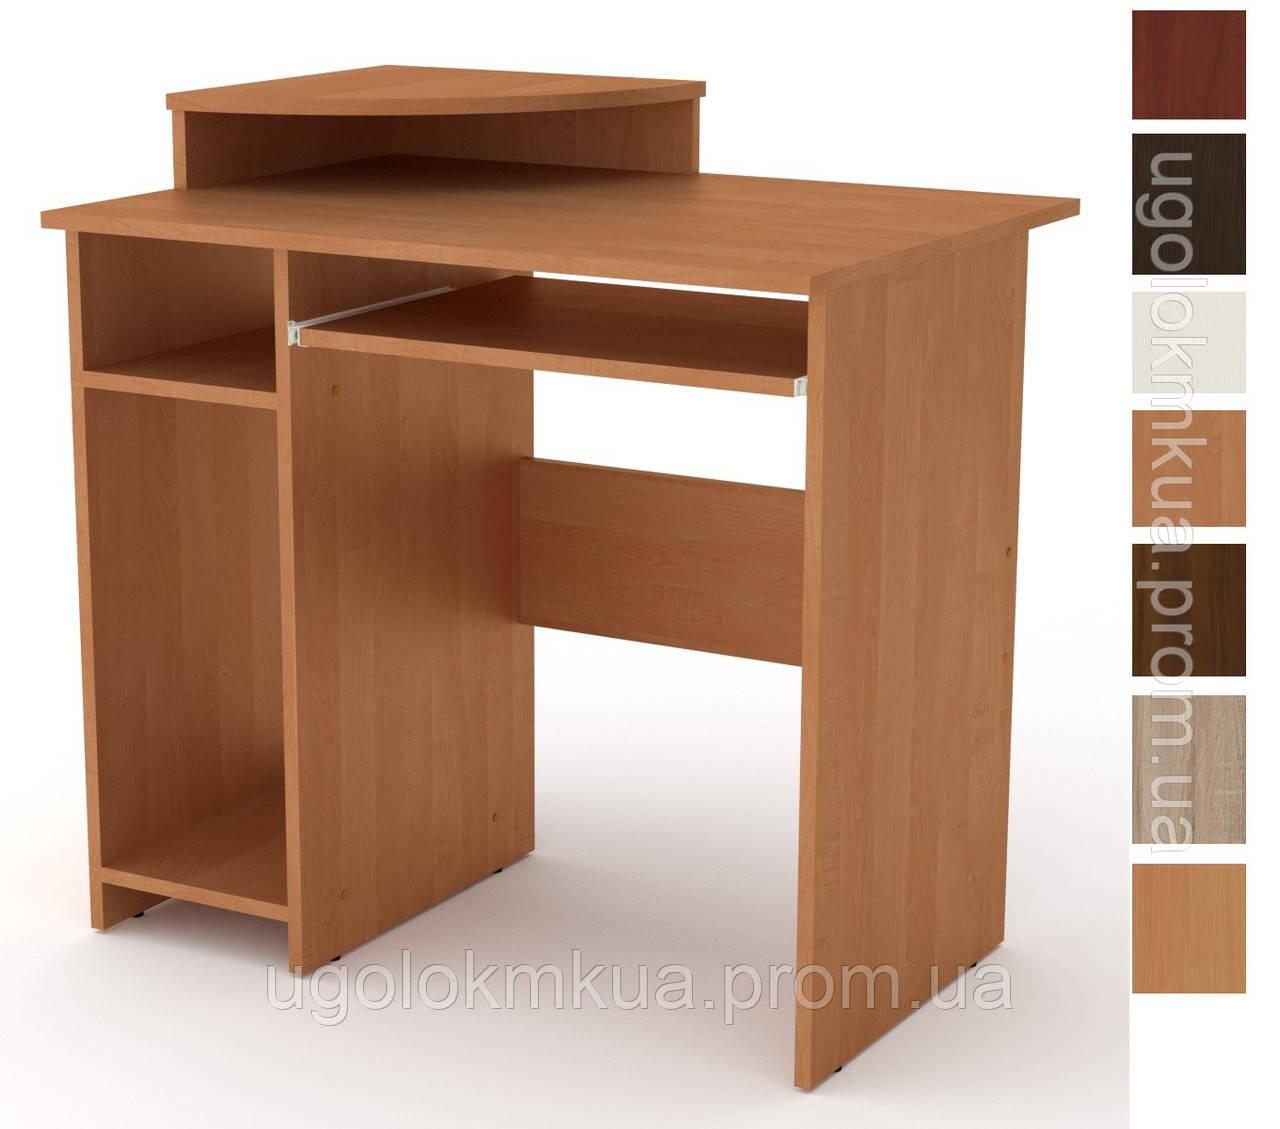 Стол компьютерный СКМ - 1, фото 1